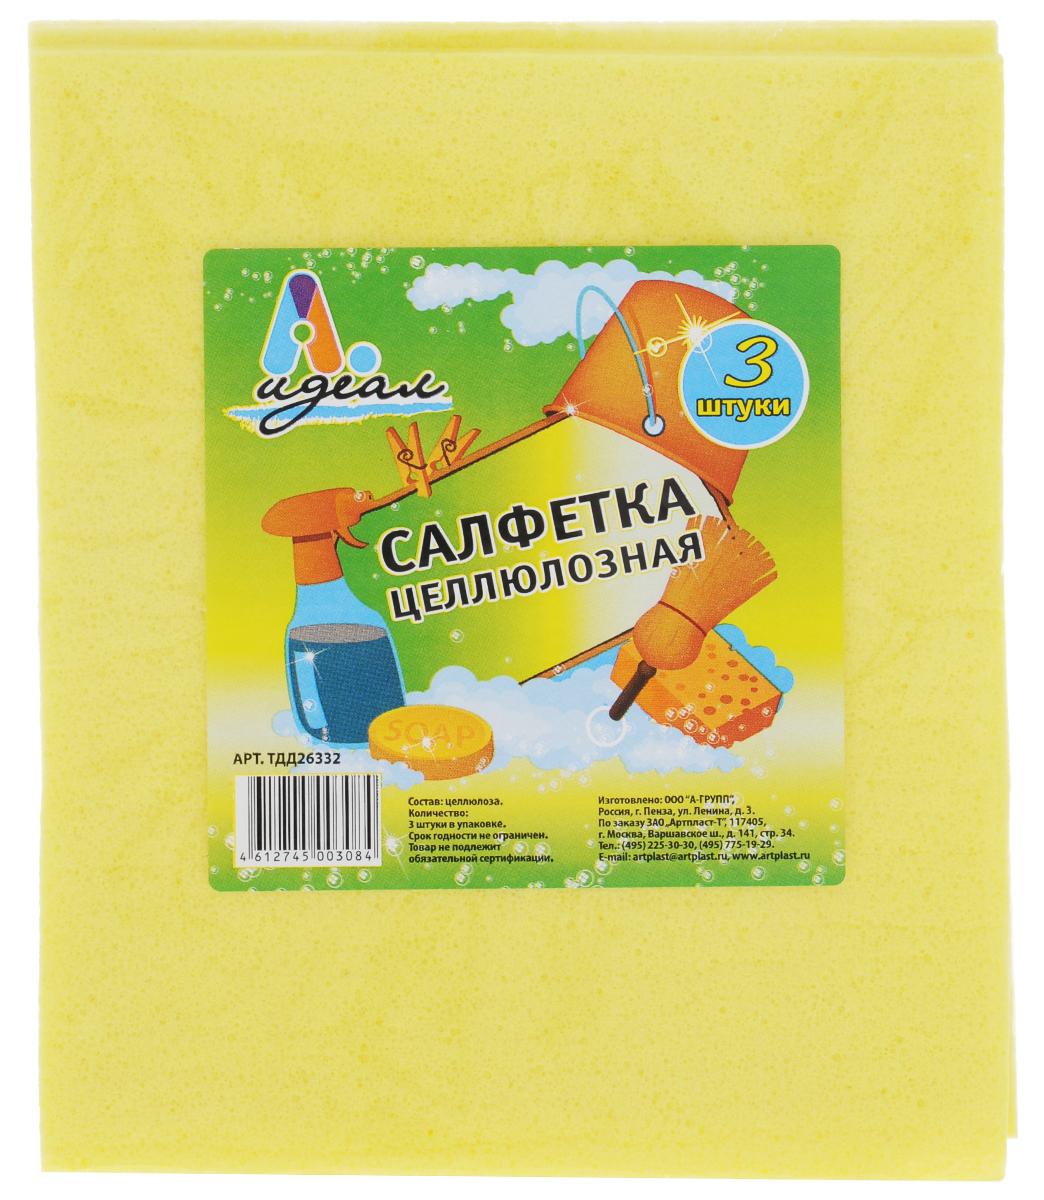 Салфетка губчатая Идеал, цвет: желтый, 15 х 18 см, 3 штТДД26332Салфетка губчатая Идеал изготовлена из целлюлозы. Салфетка хорошо впитывает влагу, не оставляет разводов и ворсинок. Можно использовать для сухой или влажной уборки любых поверхностей с моющими средствами или без них.